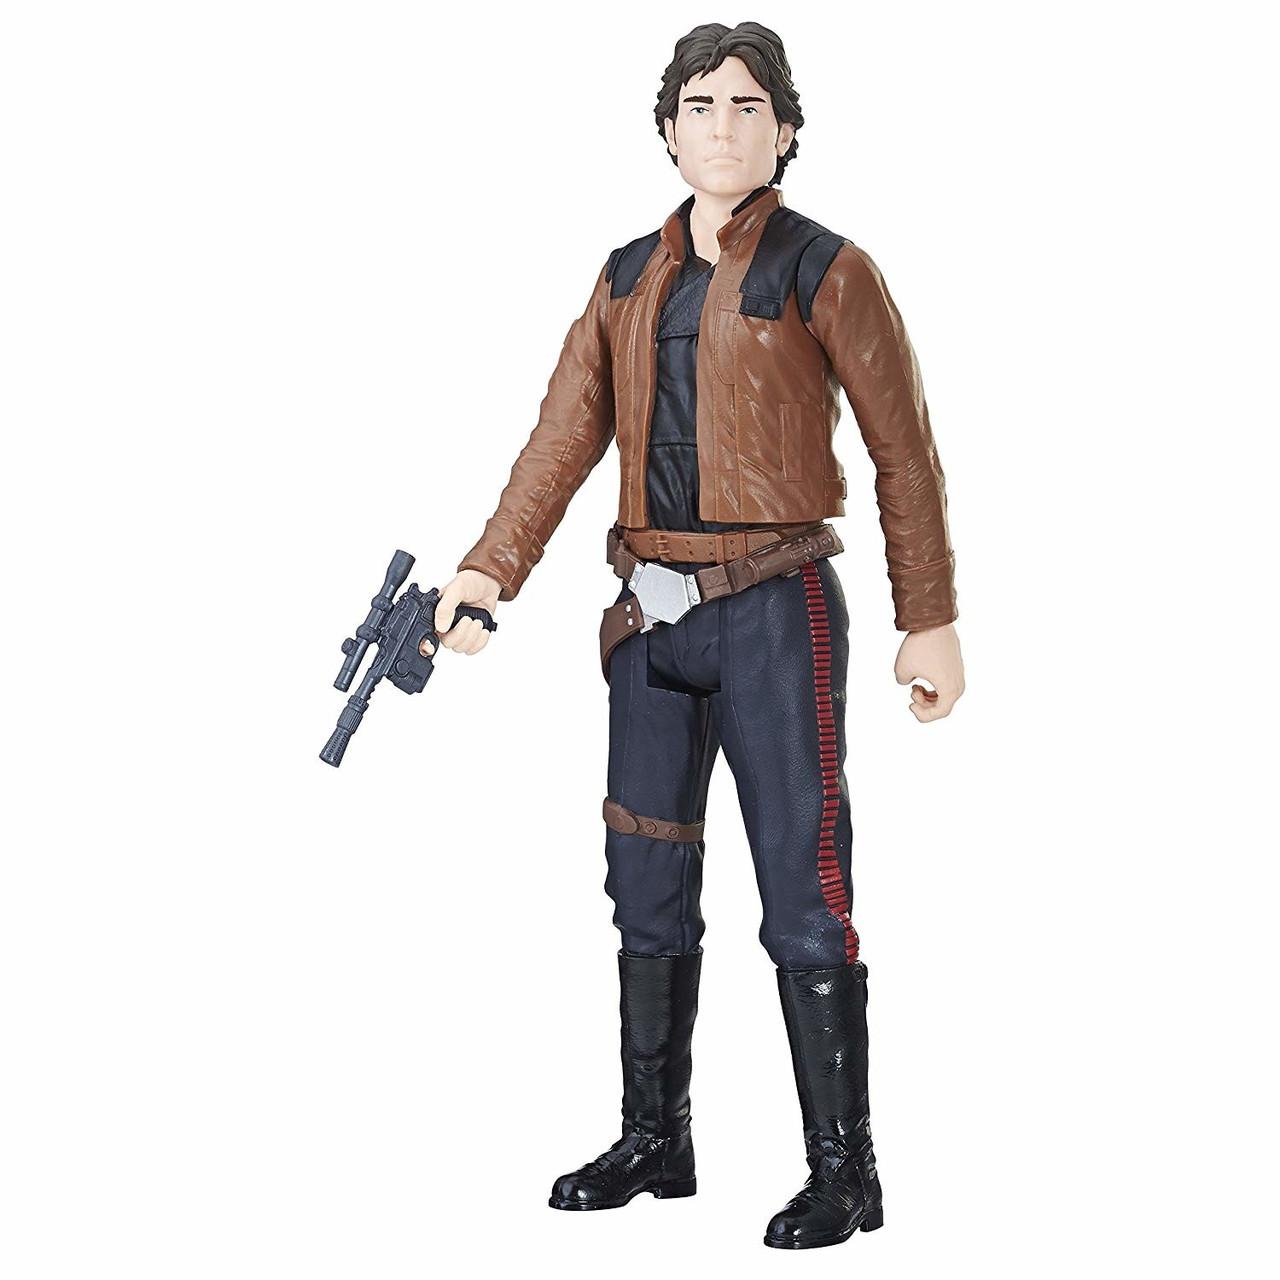 Игрушка-фигурка Hasbro Хан Соло, 30 см - Star Wars Story, Han Solo